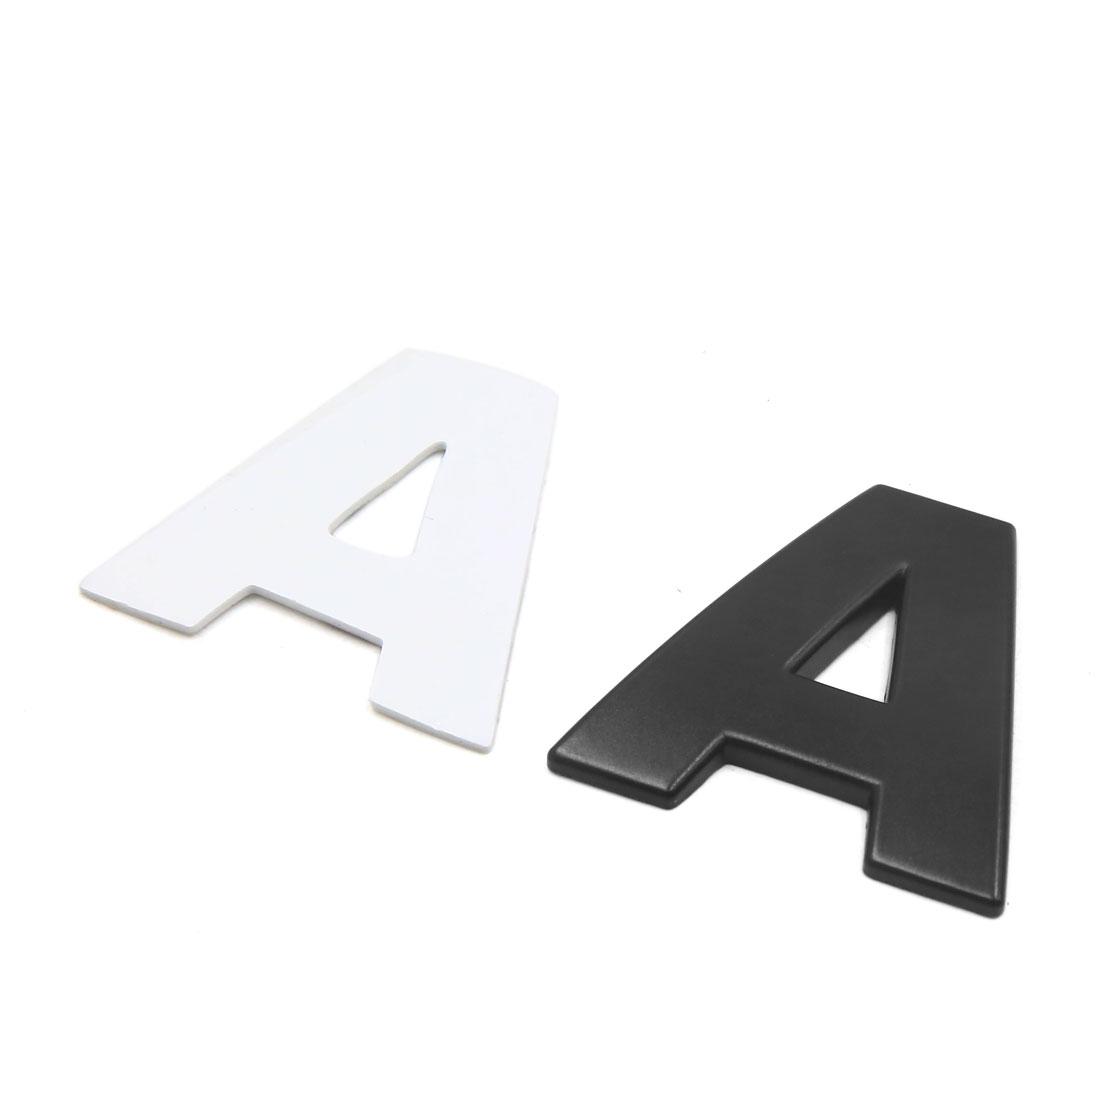 3D Metal A Letter Shaped Alphabet Sticker Car Auto Emblem Badge Decal Black - image 2 de 2